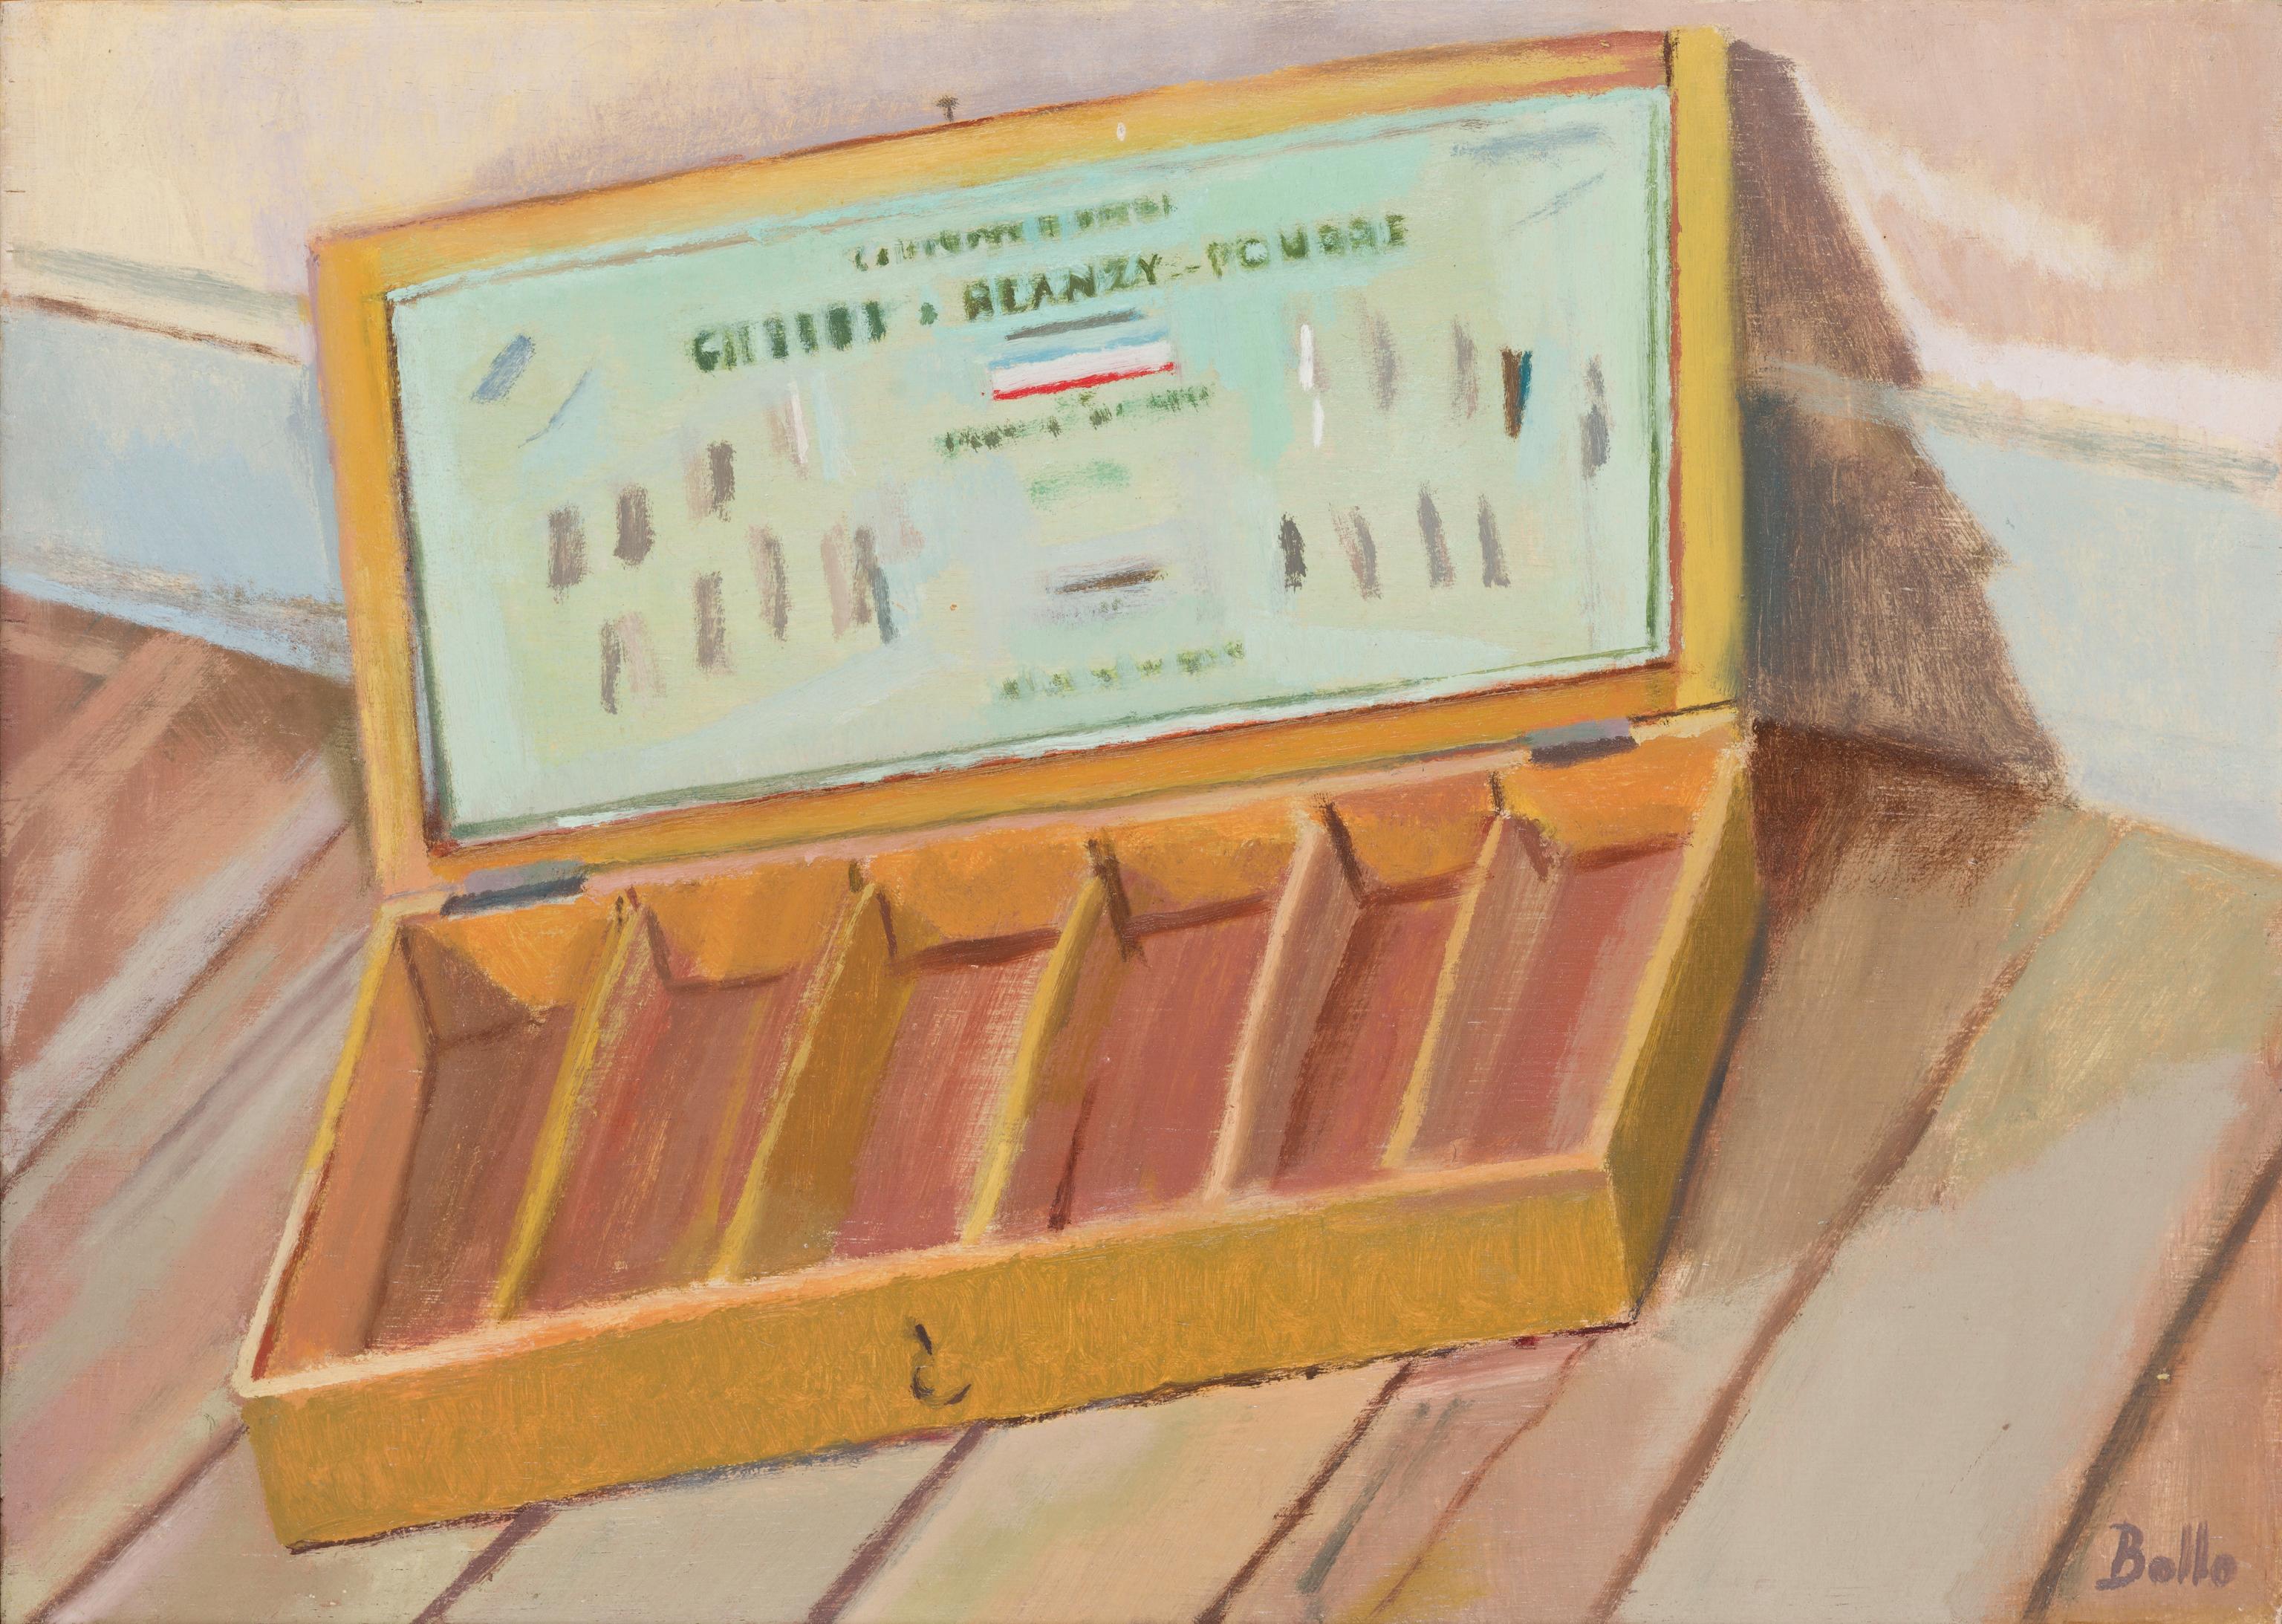 Boîte de plumes Blanzy-Poure